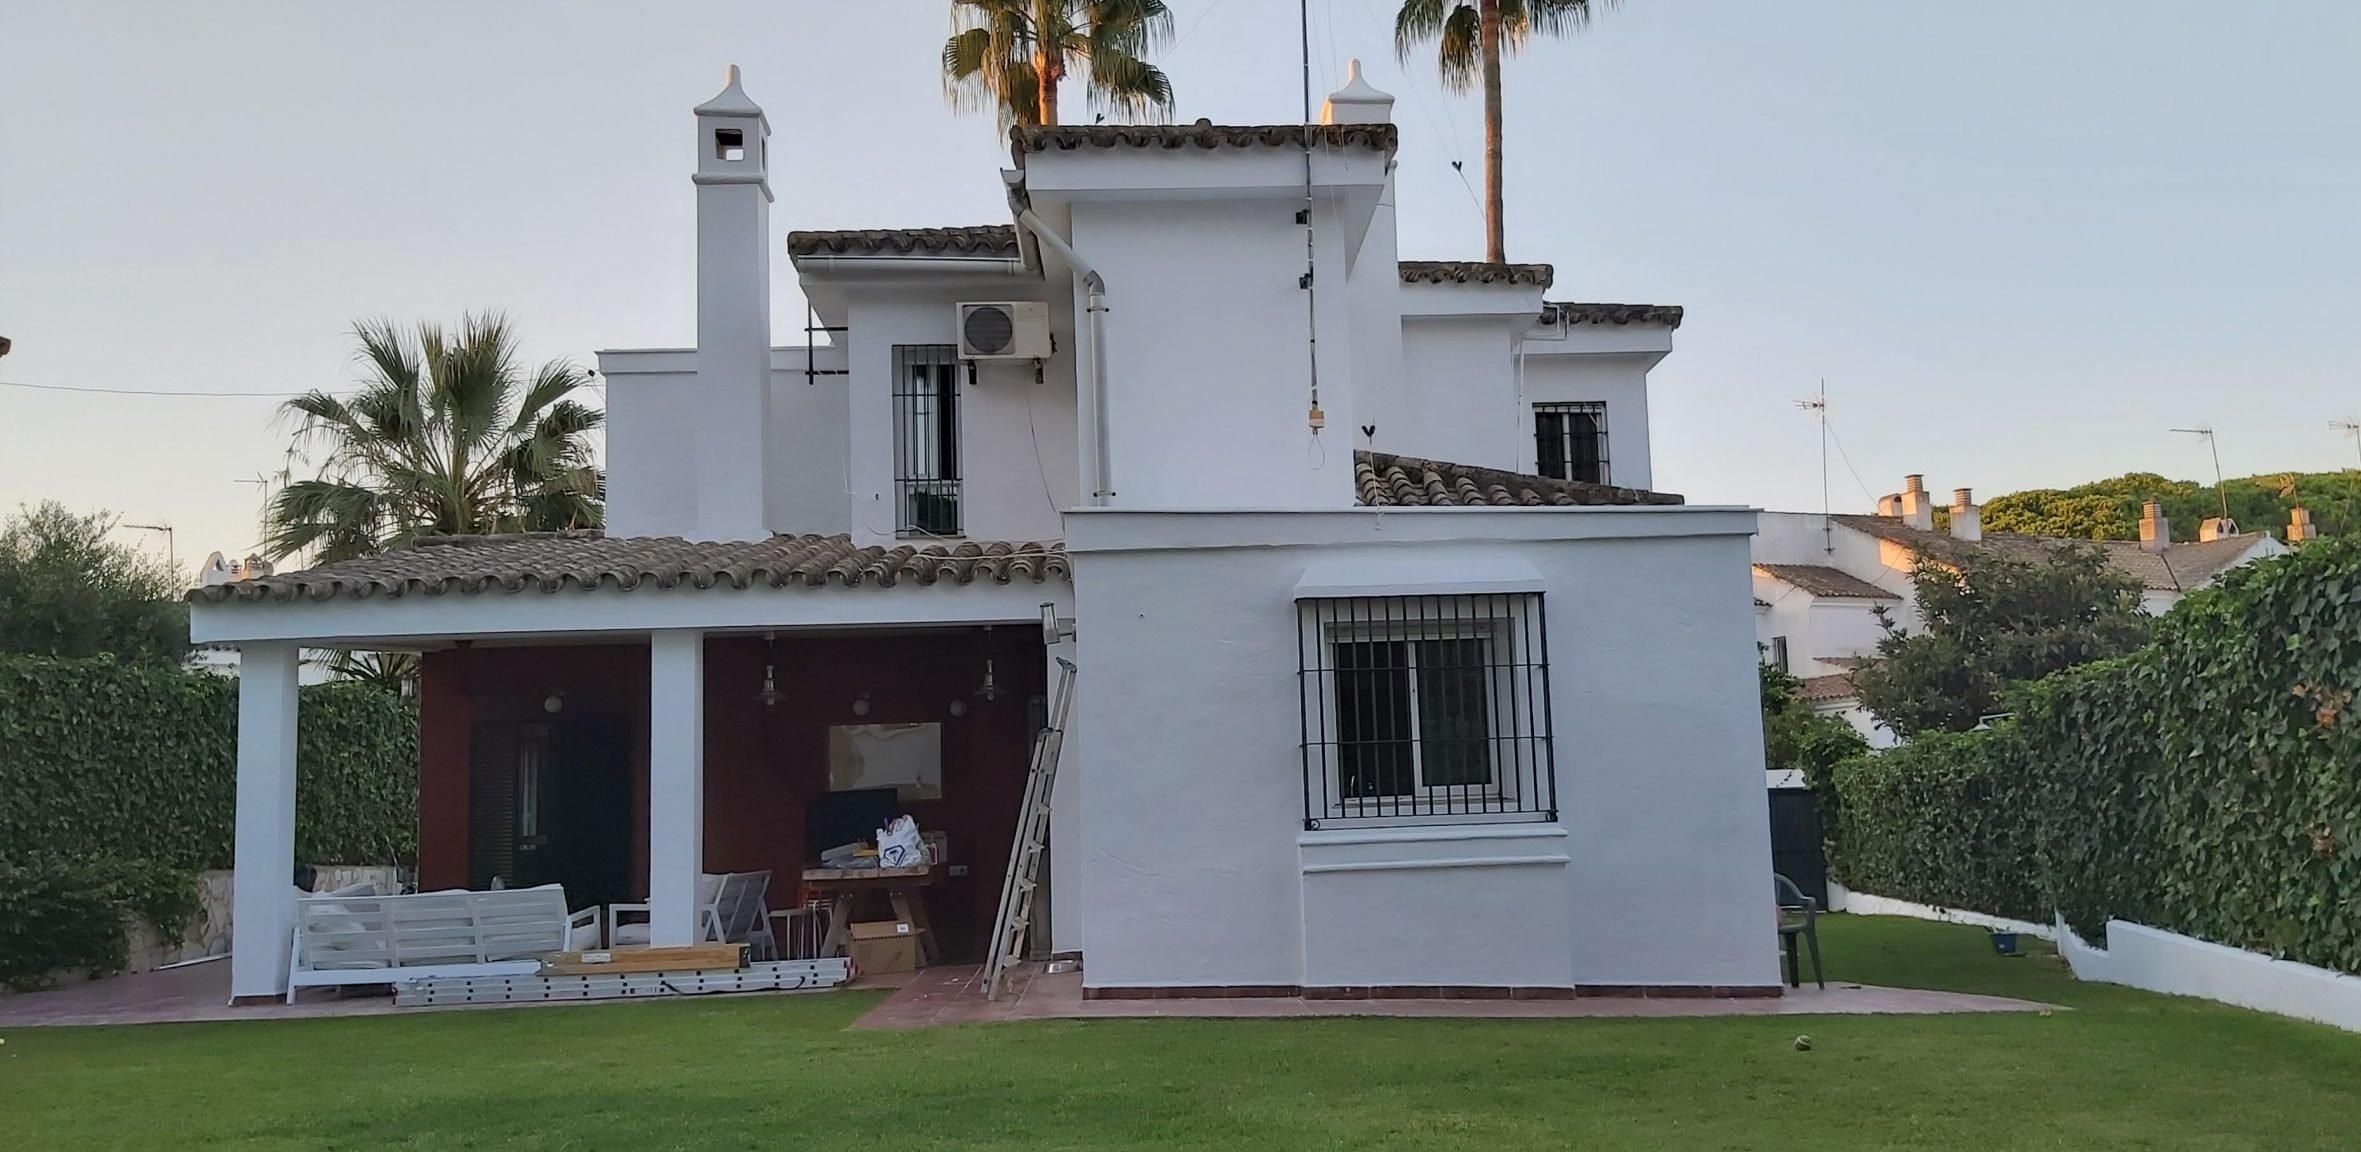 Pintar el exterior de tu casa. Vista lateral de chalet pintado de blanco